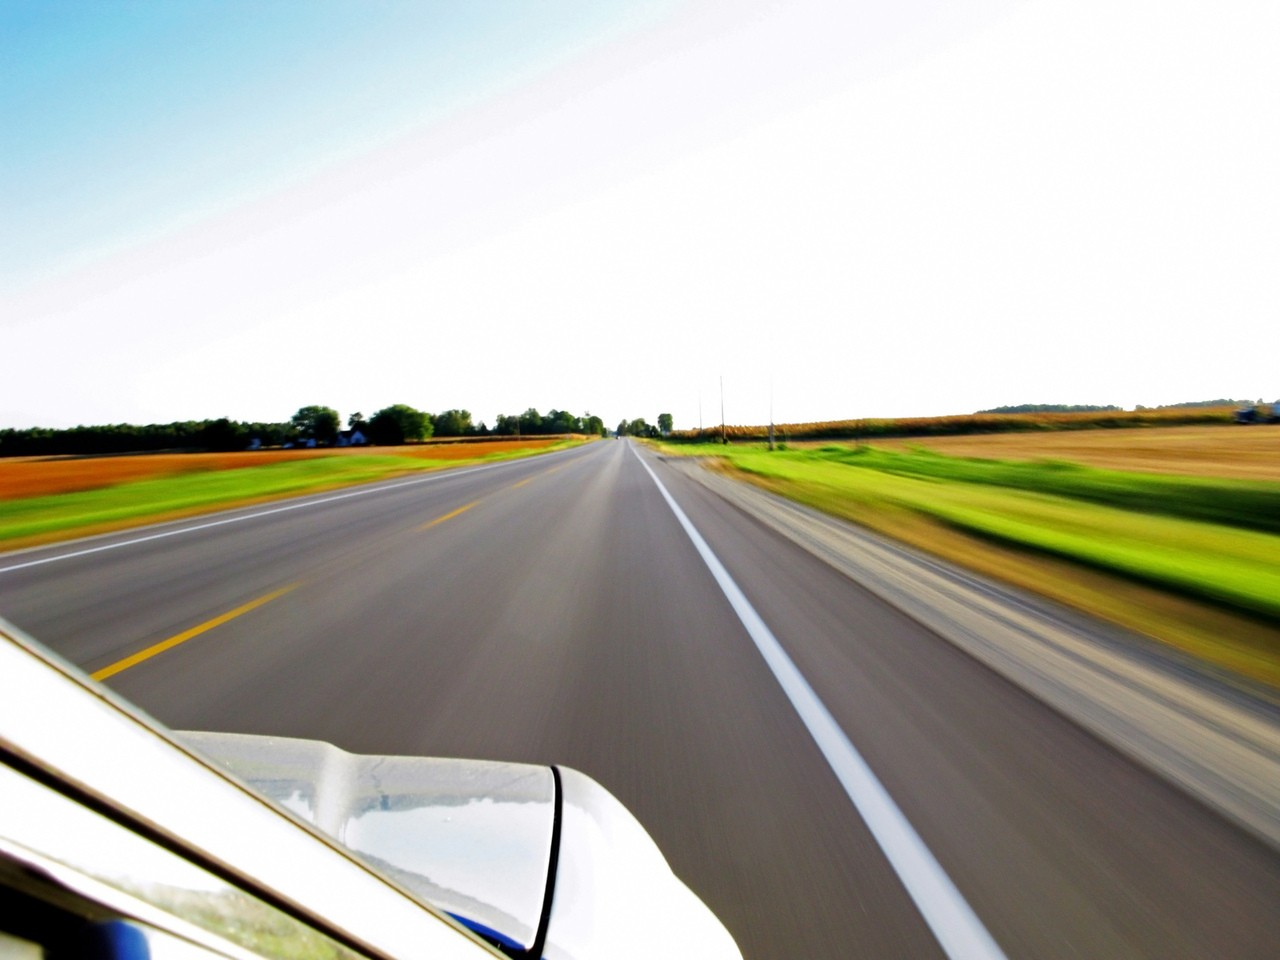 Kierowca pojazdu a telematyka, czyli korzyści z monitoringu dla pracownika